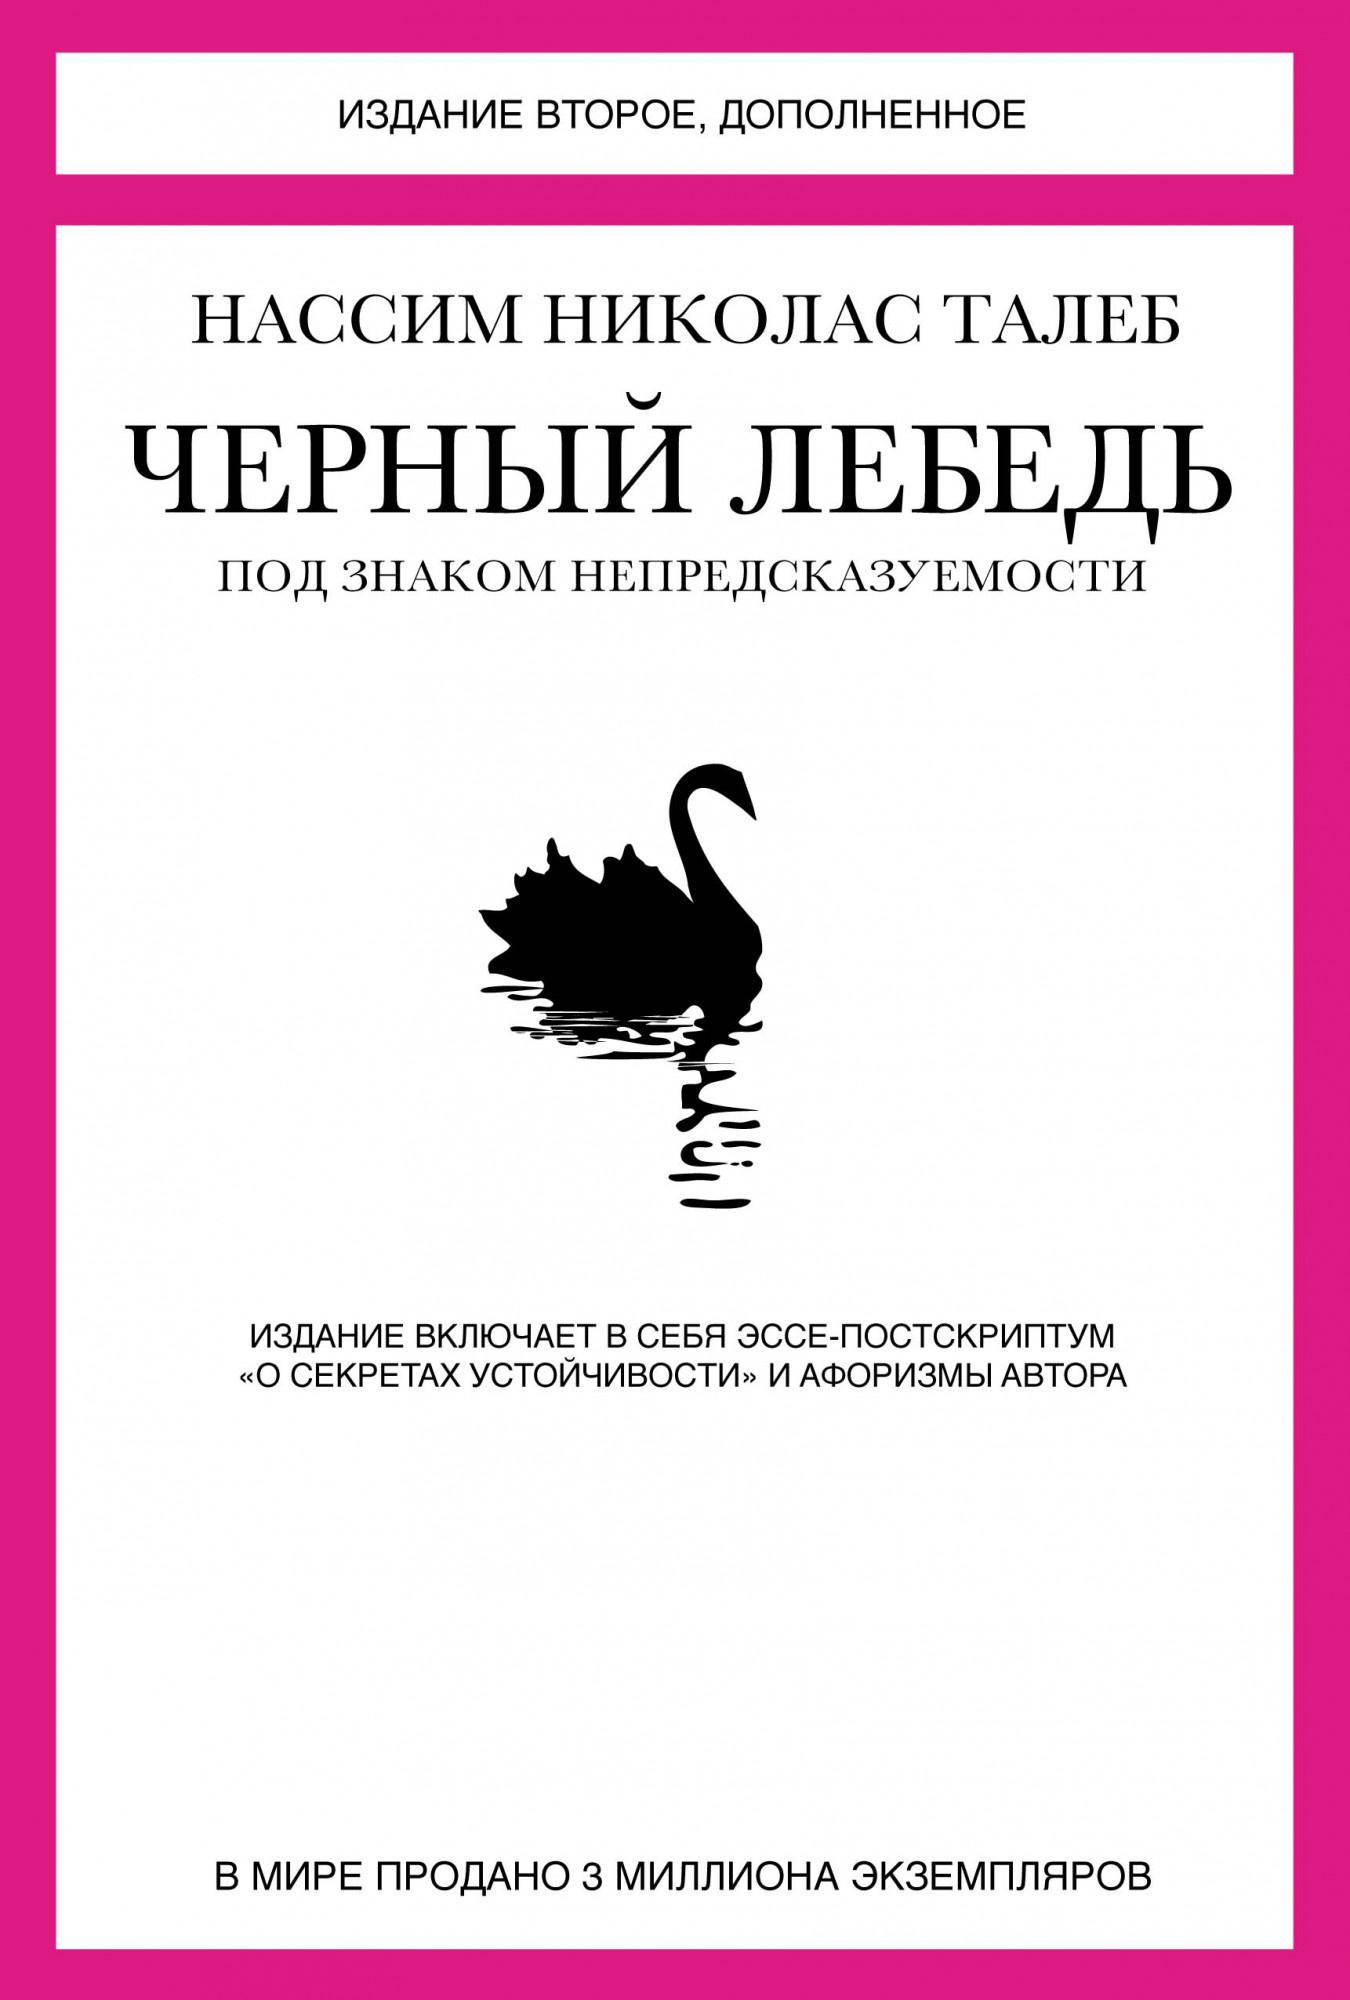 Черный лебедь. Под знаком непредсказуемости. Автор — Нассим Николас Талеб. Переплет —